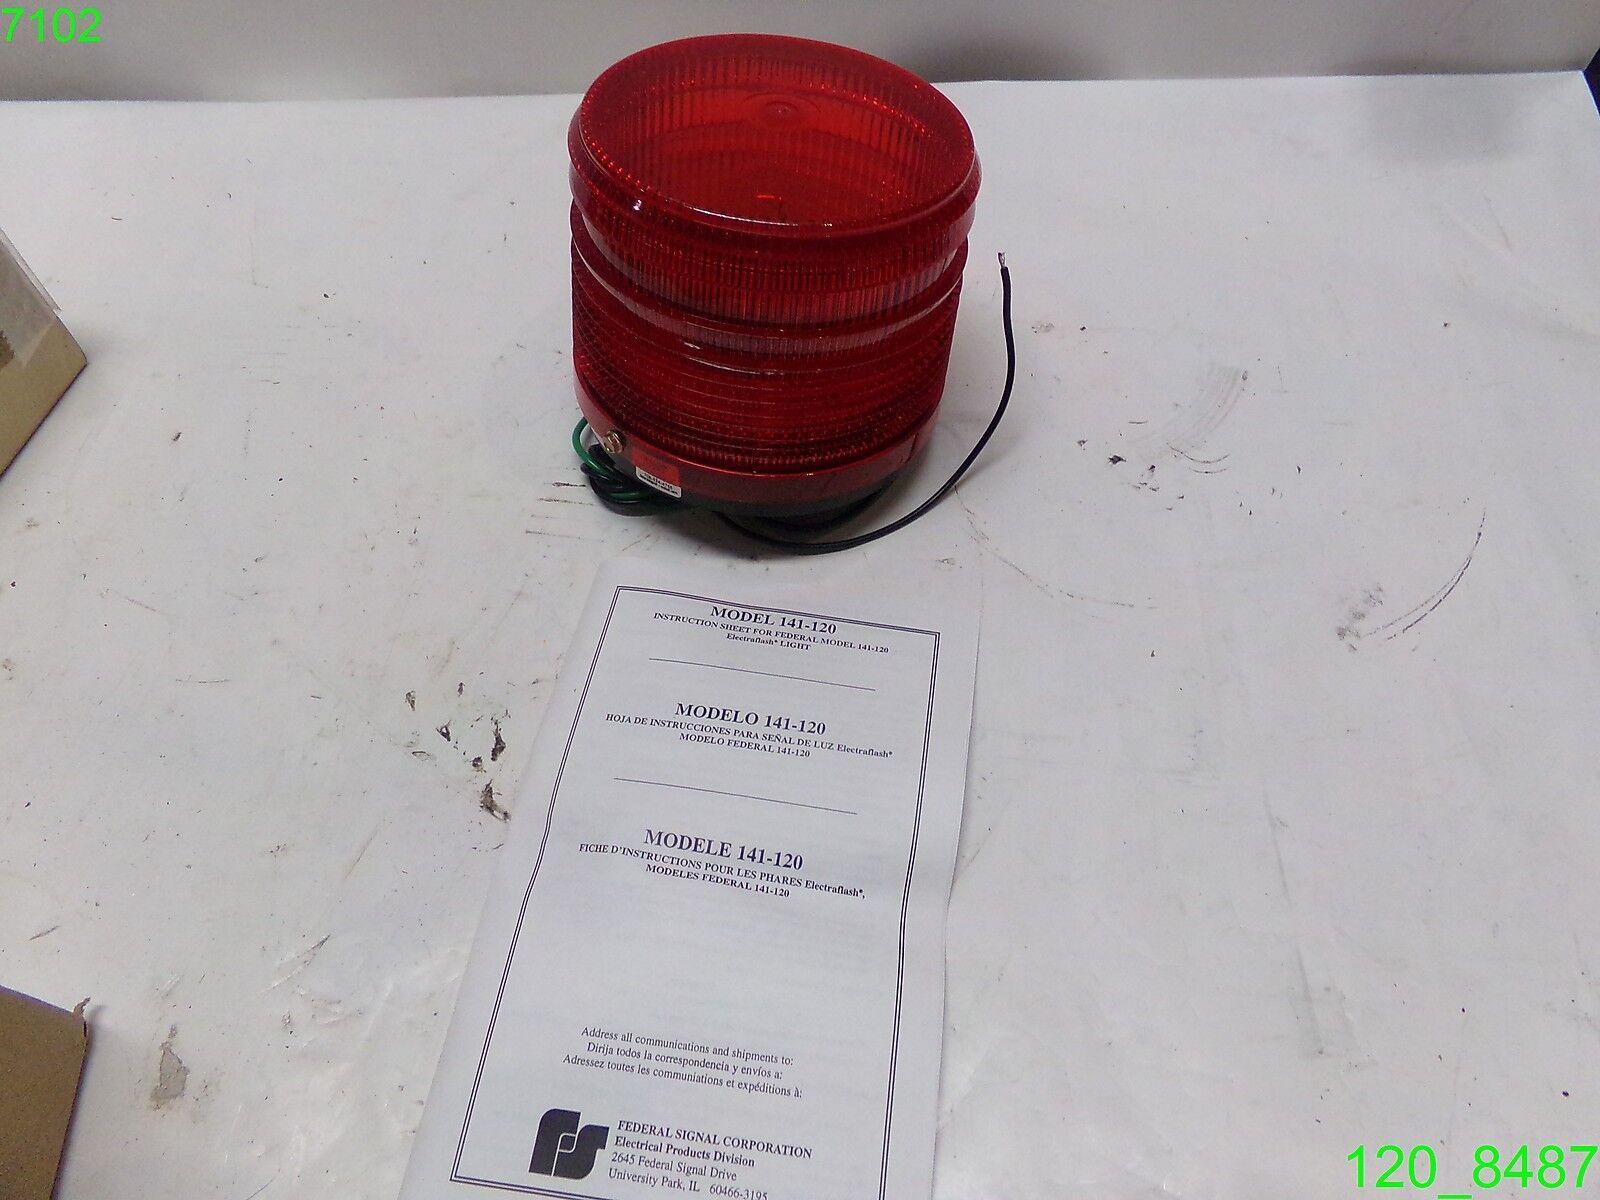 FEDERAL SIGNAL 120VAC 40W .38A RED SIGNAL FLASHING LIGHT 141-120R - on